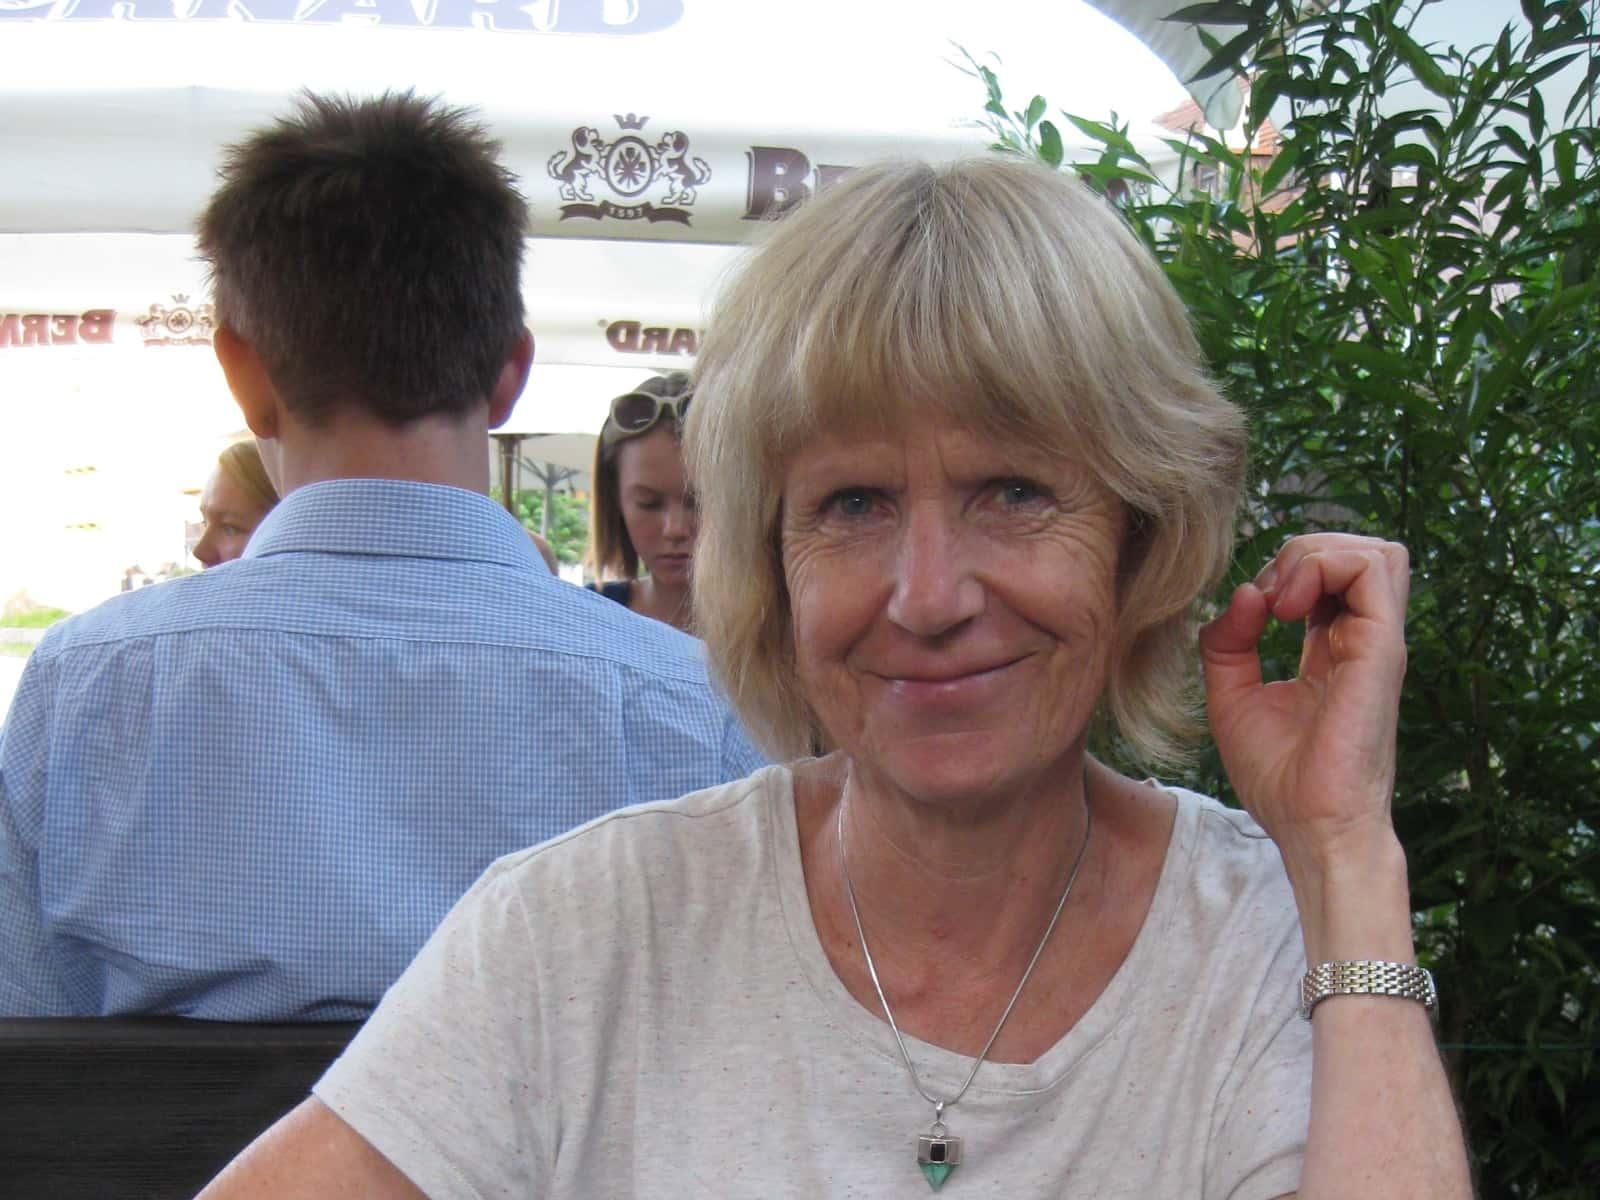 Jean from Melbourne, Victoria, Australia